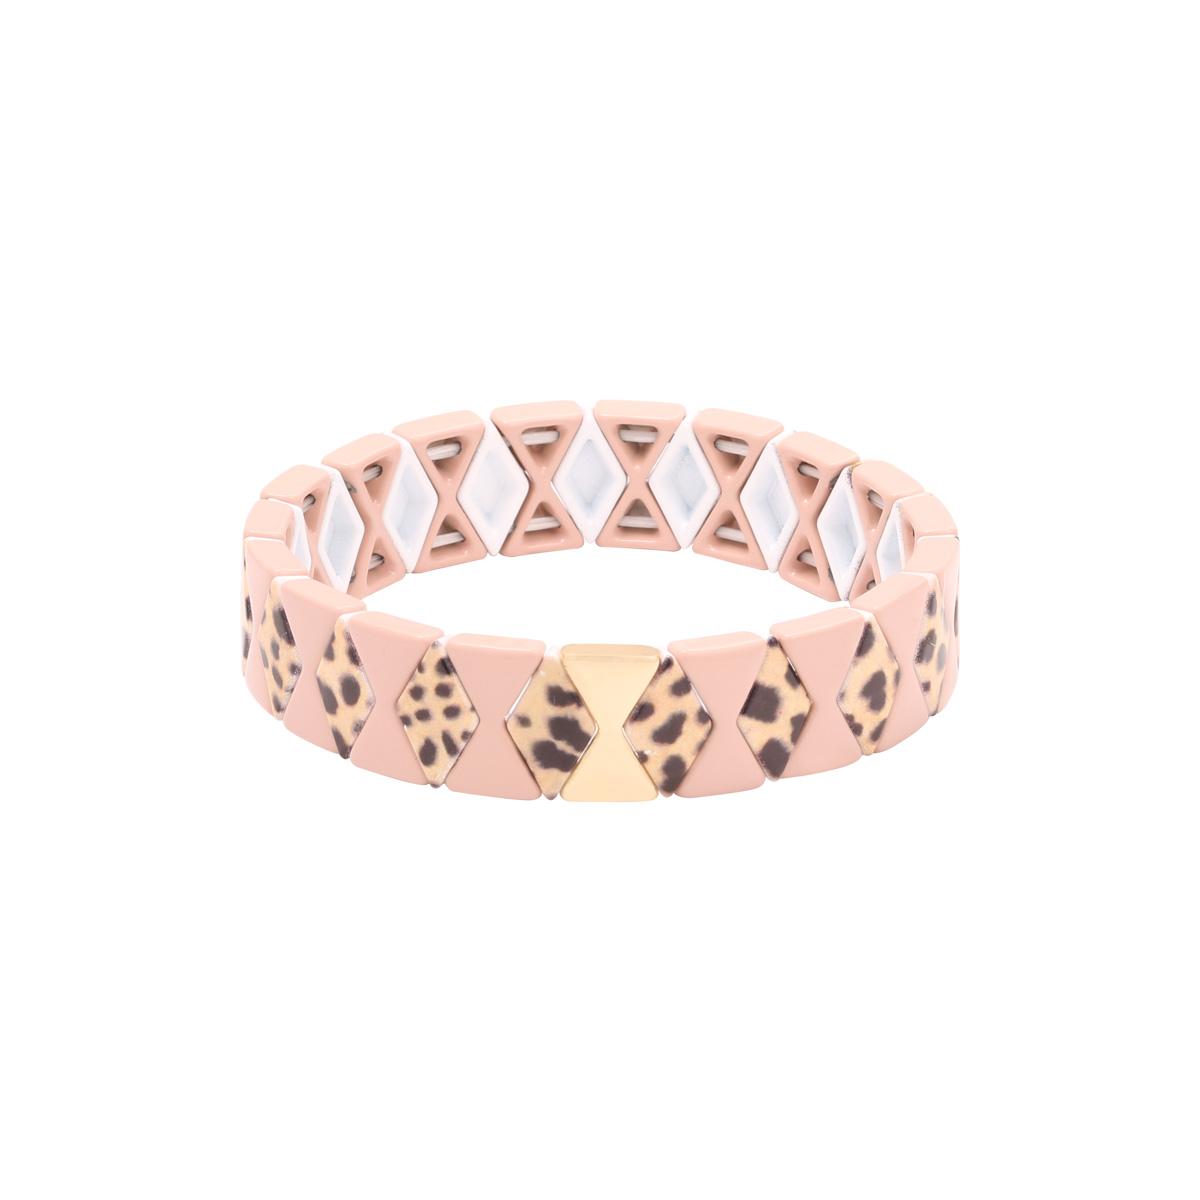 Armband pink panther